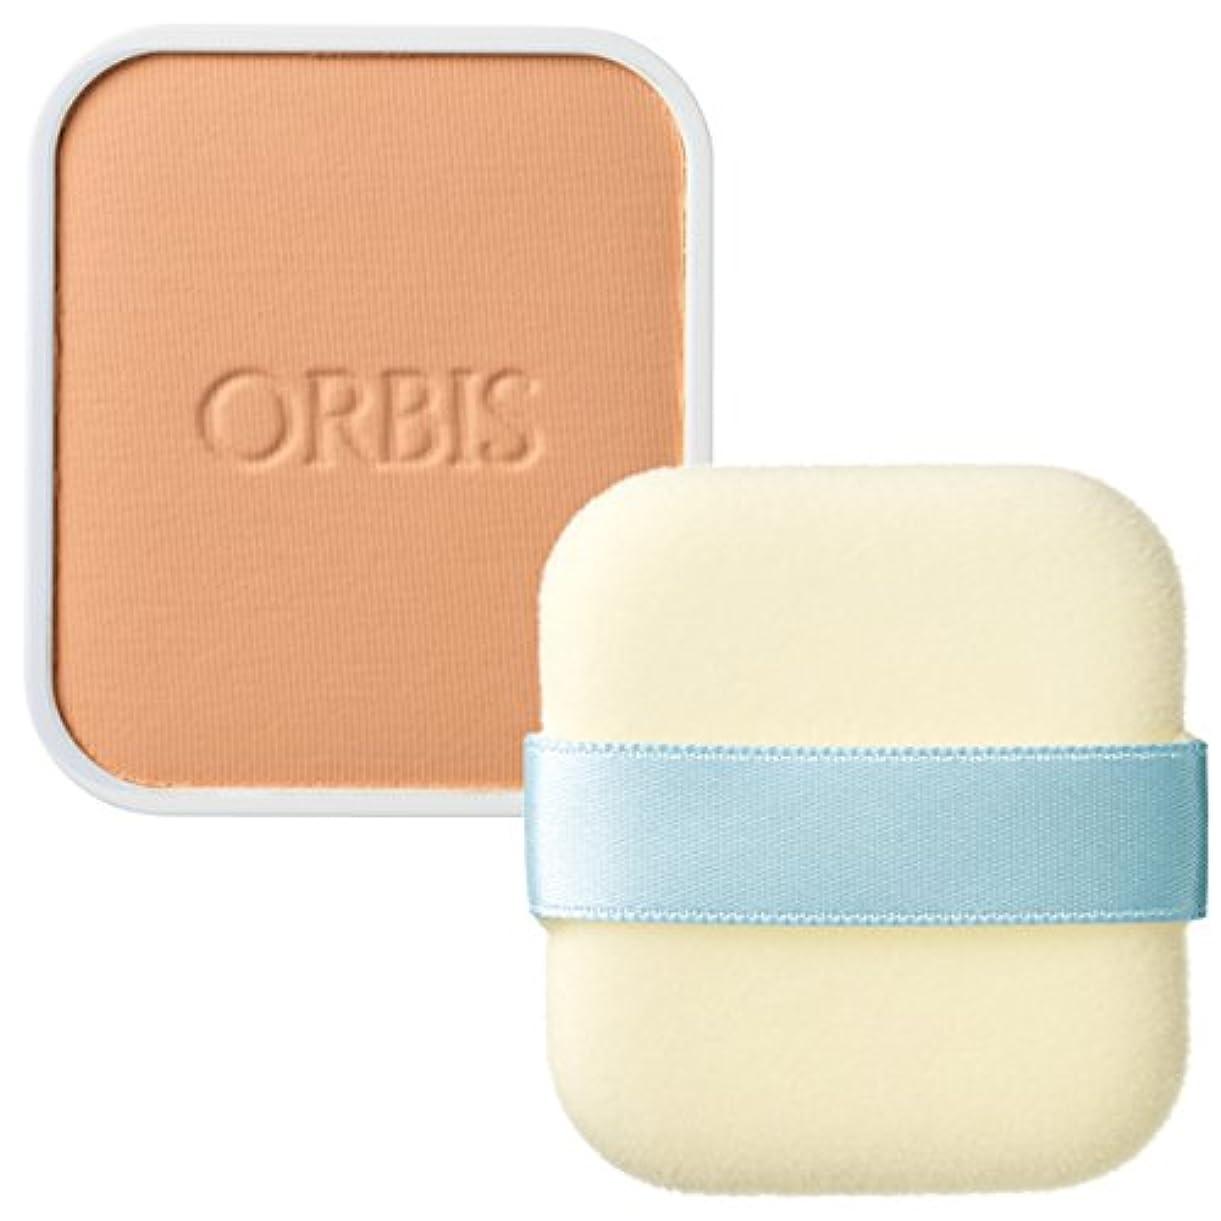 傷つきやすいでる新しさオルビス(ORBIS) クリアパウダーファンデーション(リフィル?専用パフ付) ナチュラル03 11g SPF15/PA+ ◎ニキビ肌用ファンデーション◎